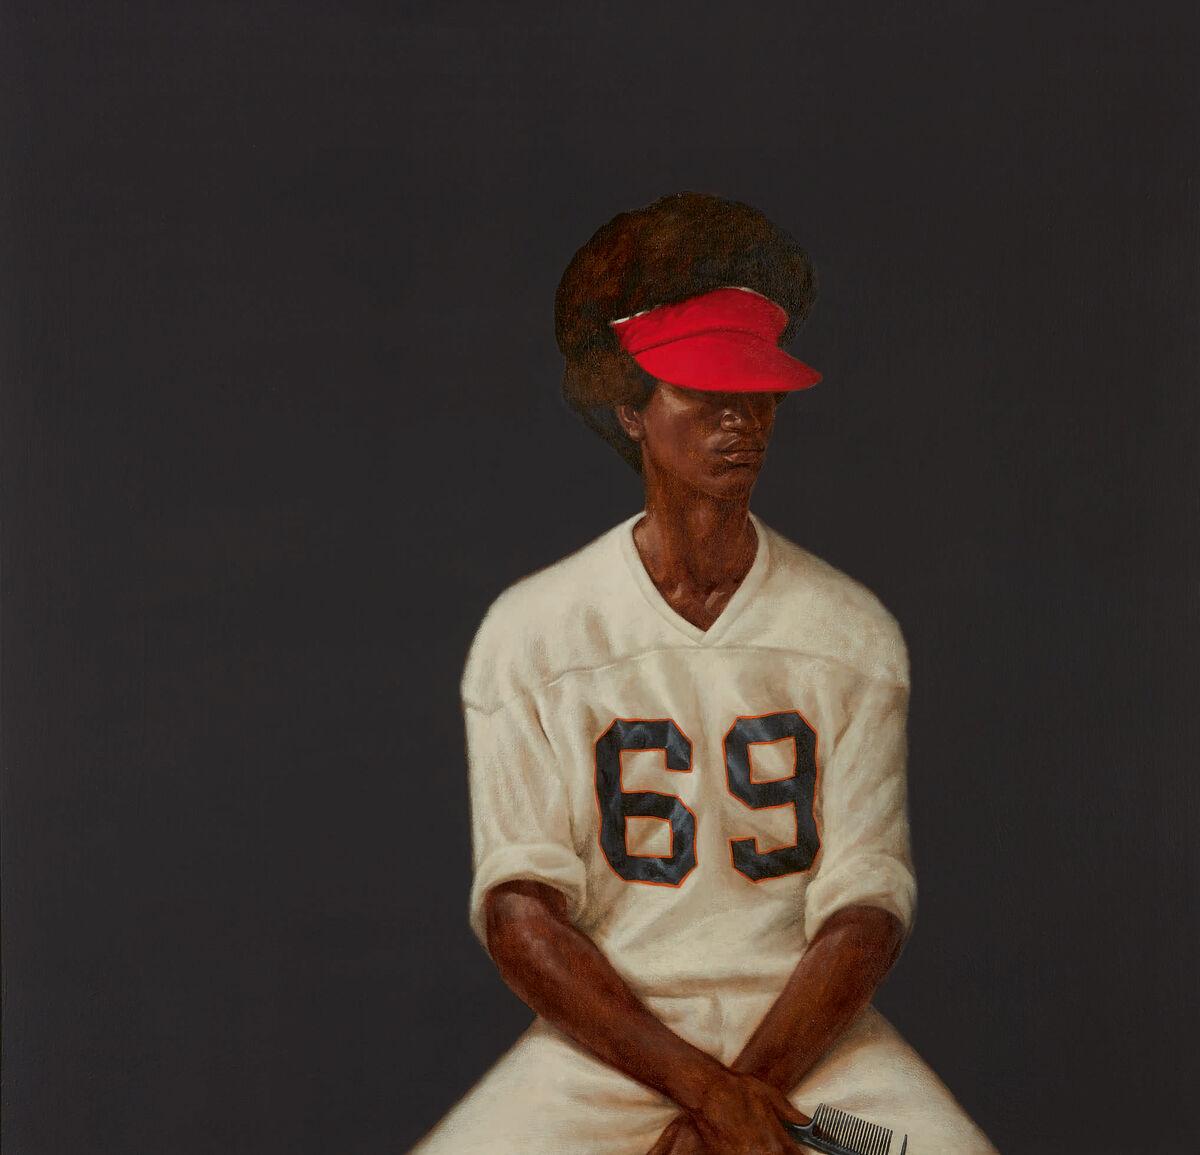 Barkley L. Hendricks, Mr. Johnson (Sammy From Miami) (1972). Courtesy Sotheby's.